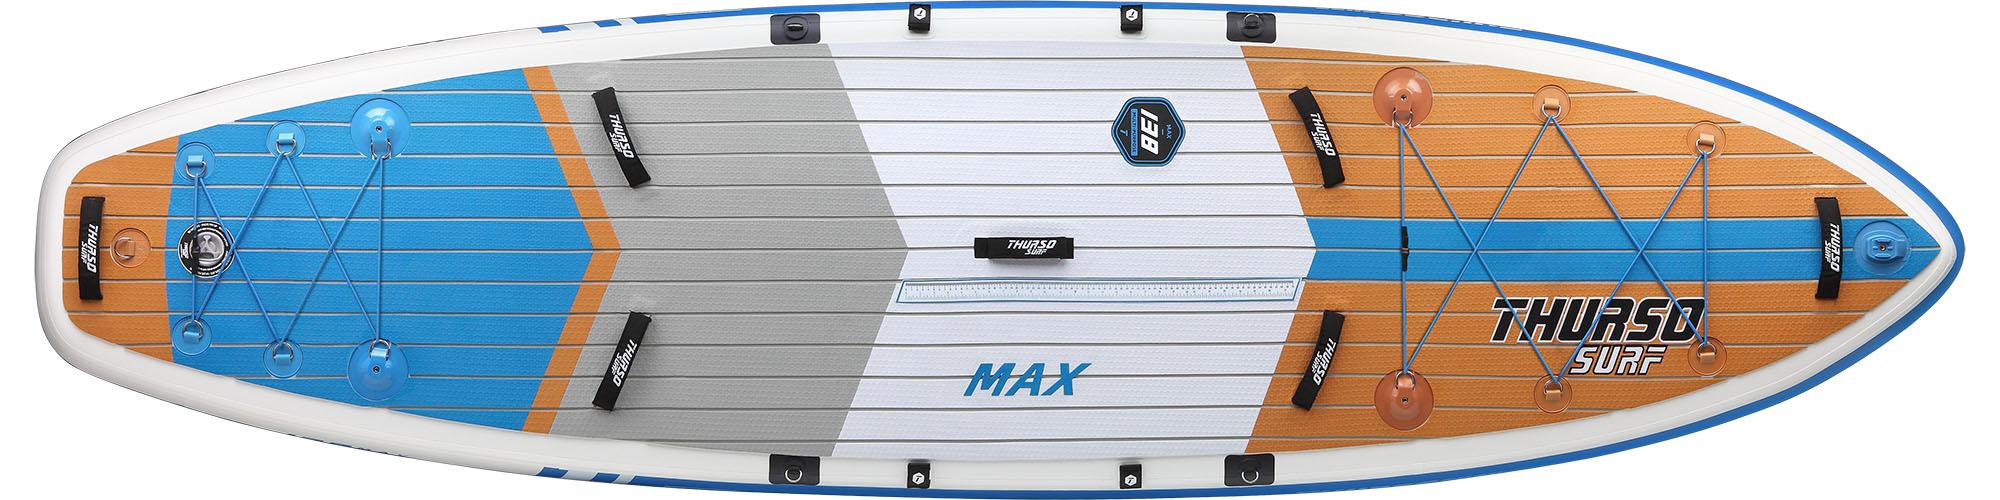 stand-up-paddle-board-max-138-thurso-surf-horizontal-2000.jpg